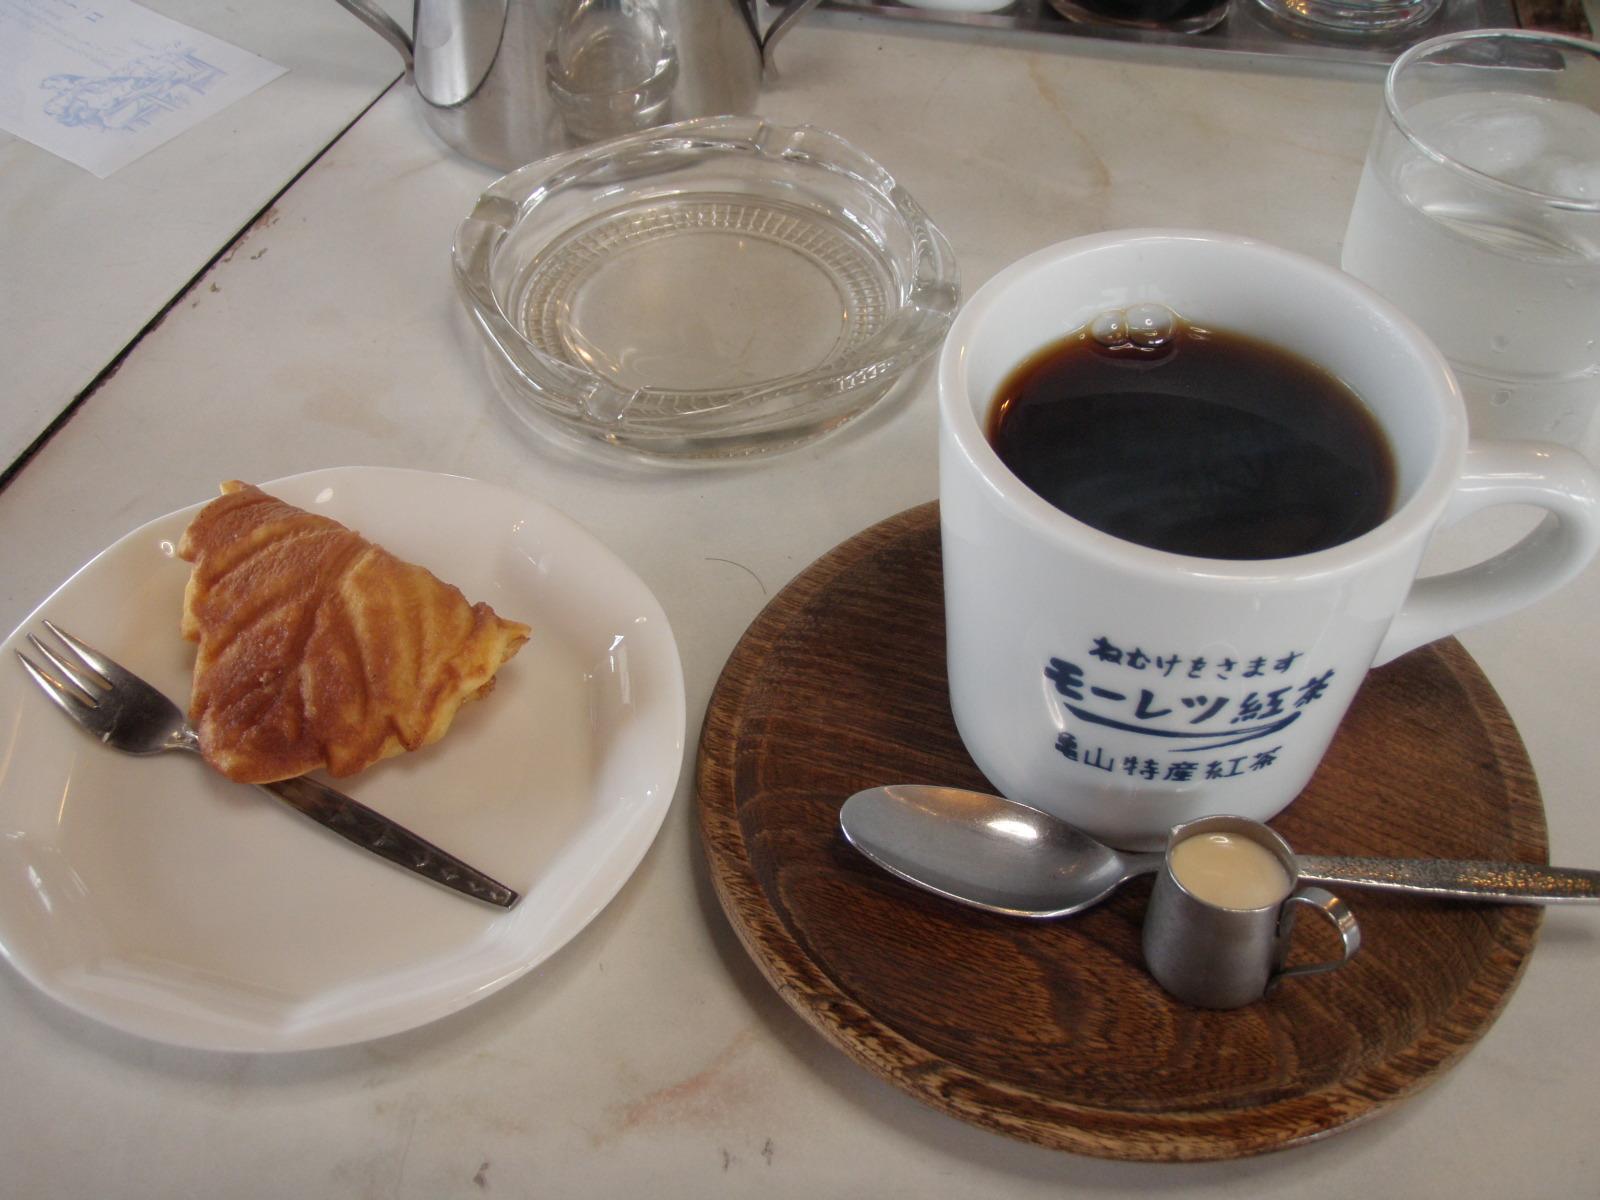 オレンジペコー喫茶